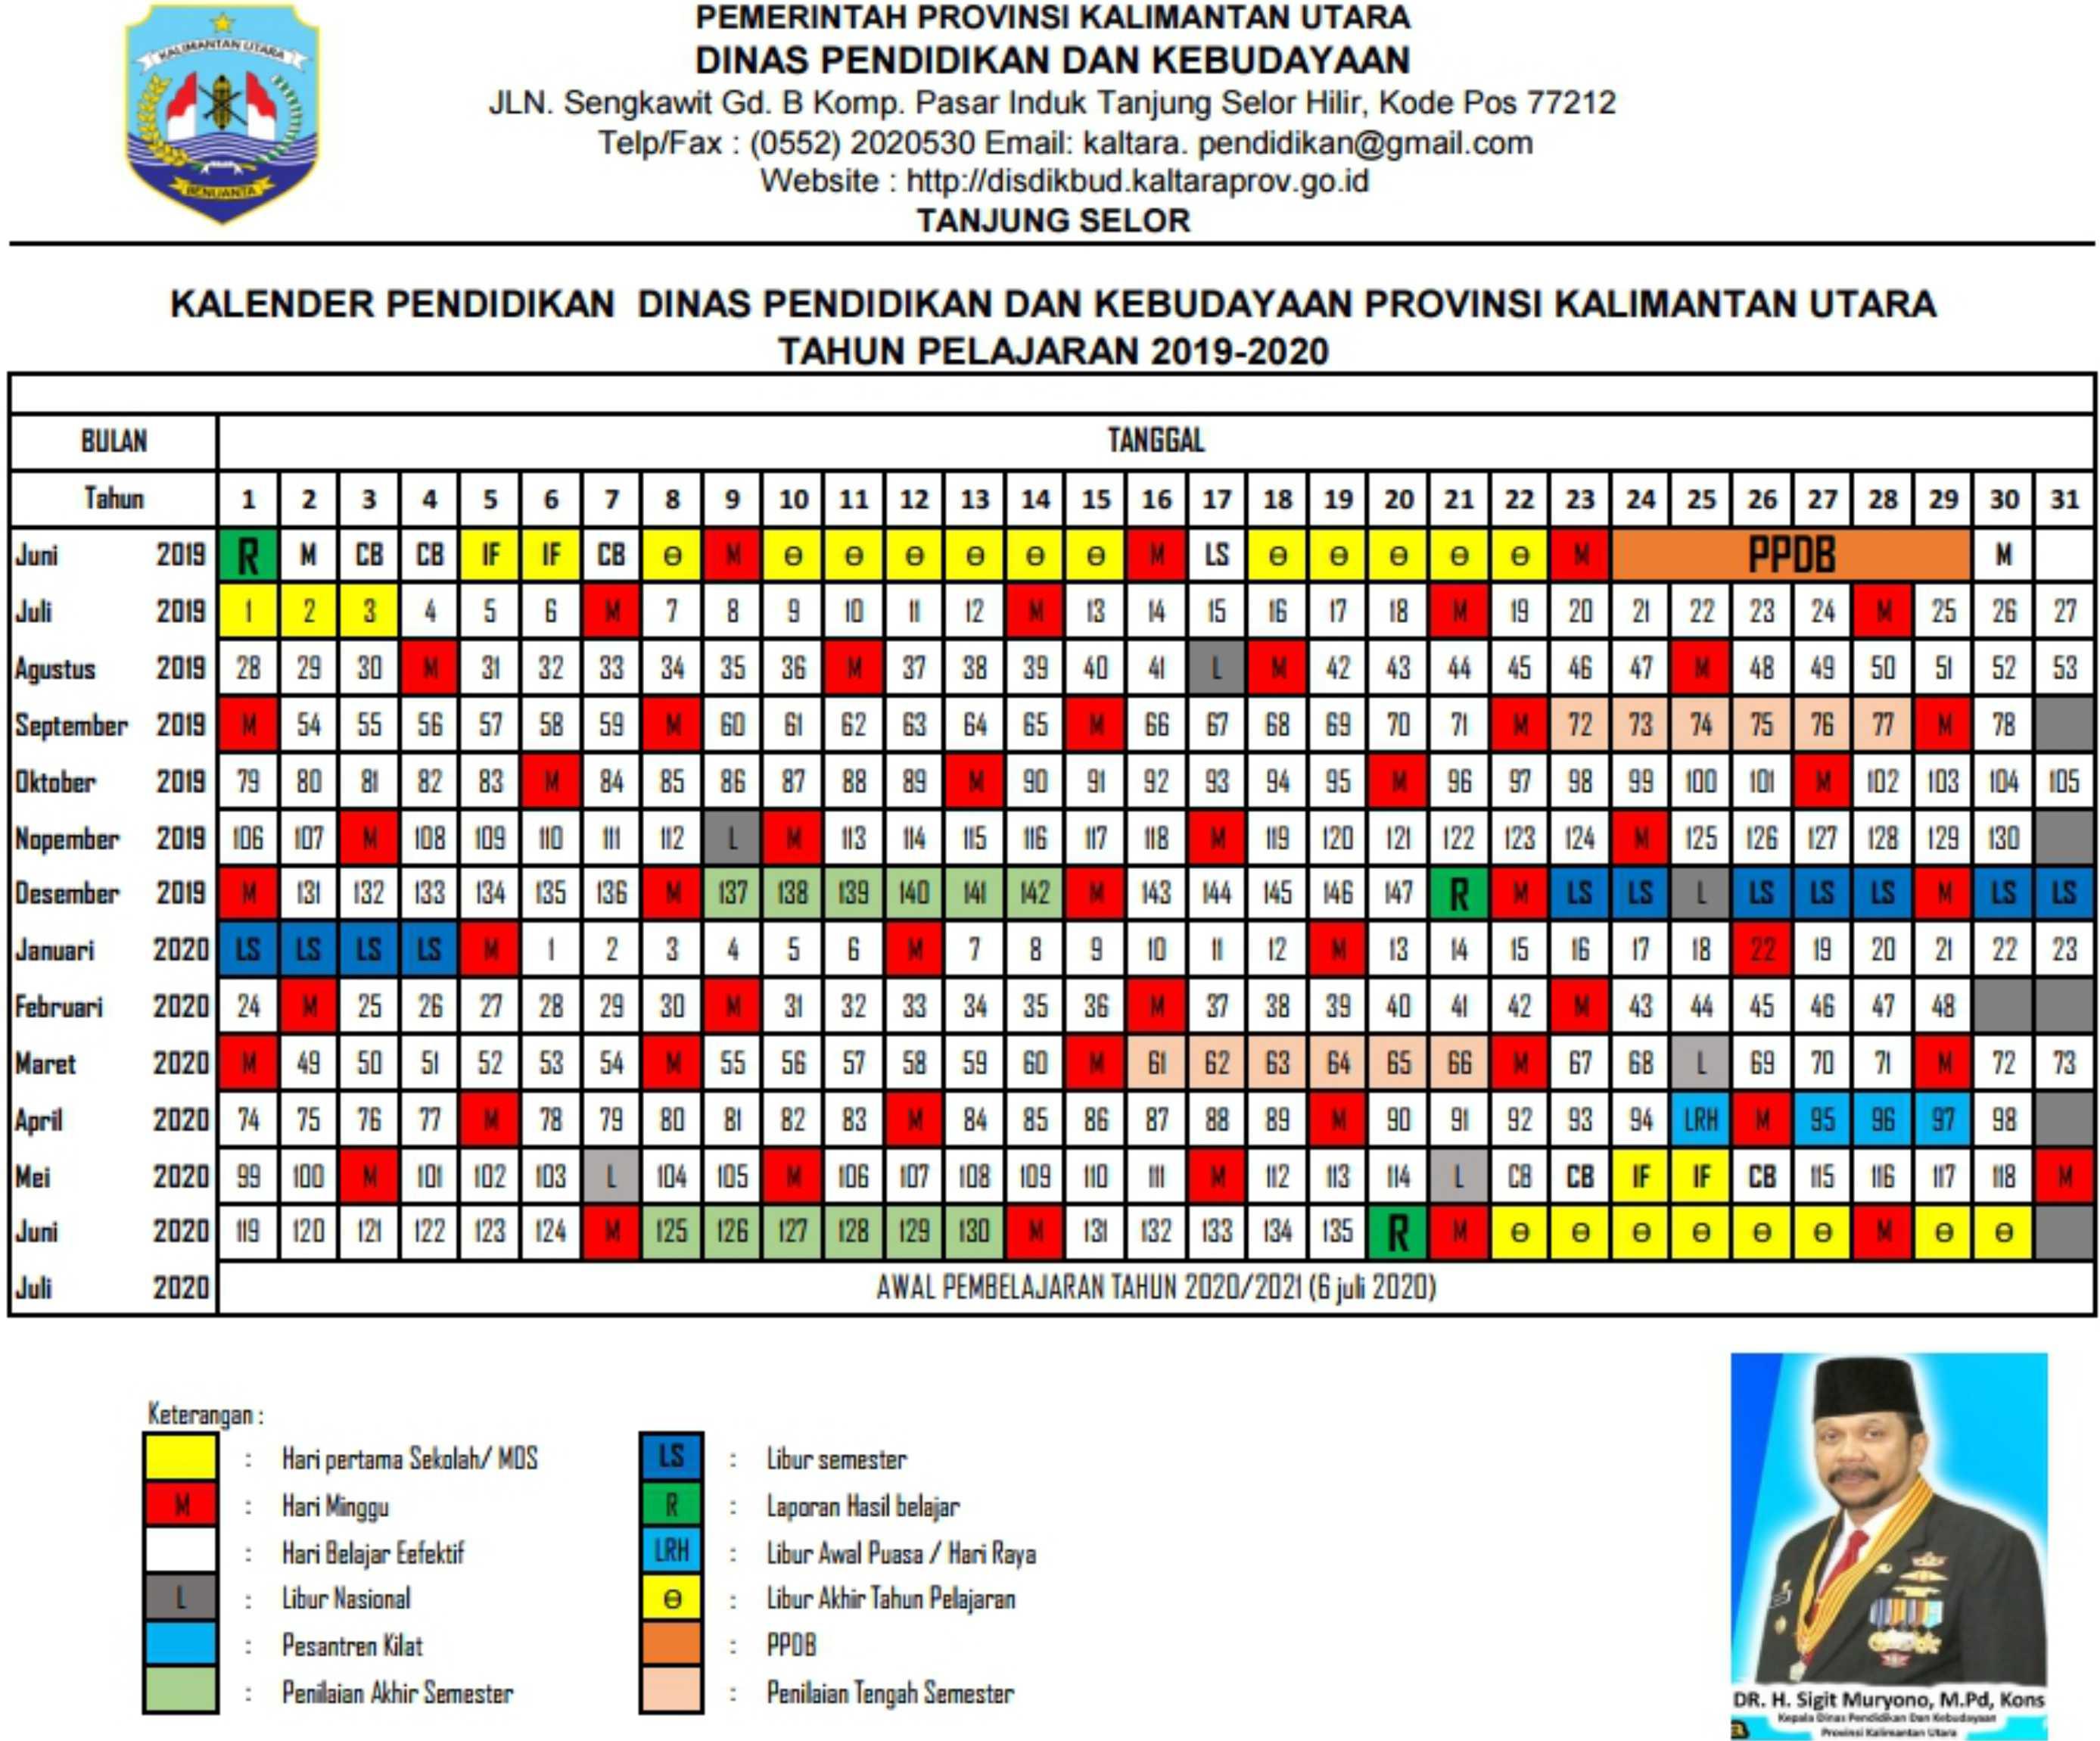 kalender pendidikan 2019 - 2020 kalimantan utara